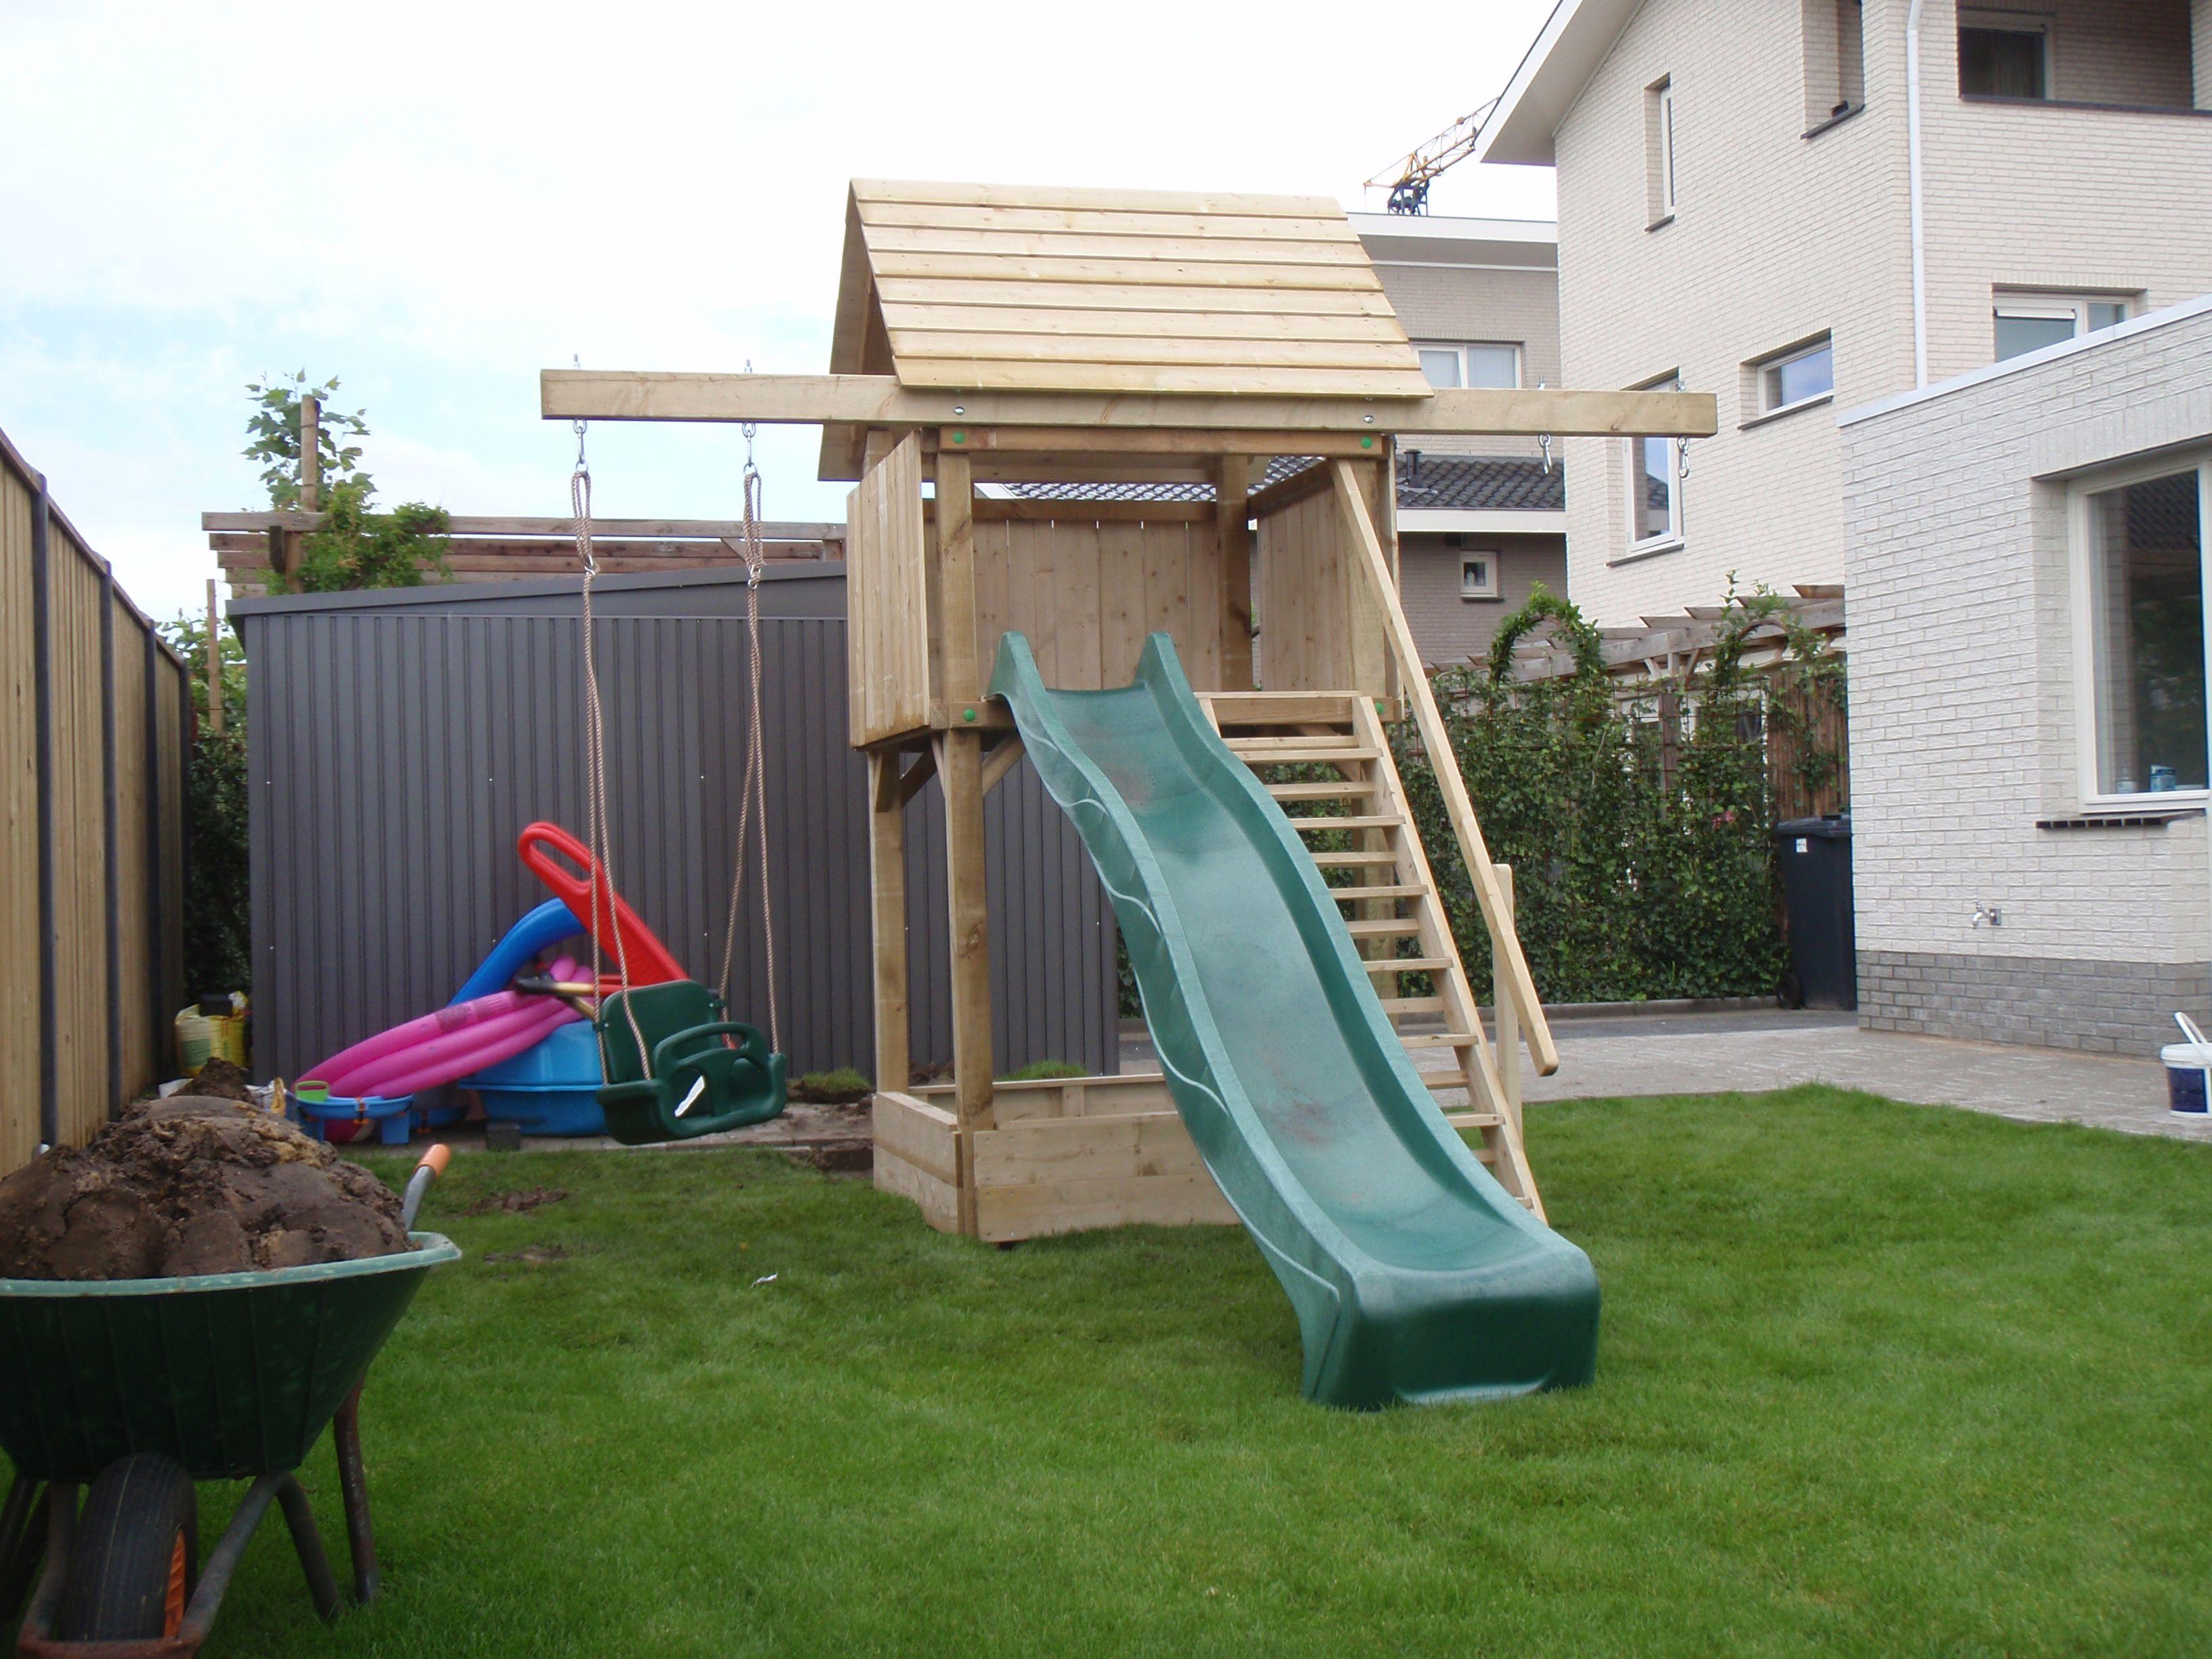 Speeltoestel Kleine Tuin : Speeltoestel een fijne plek om te spelen voor de kinderen. van de